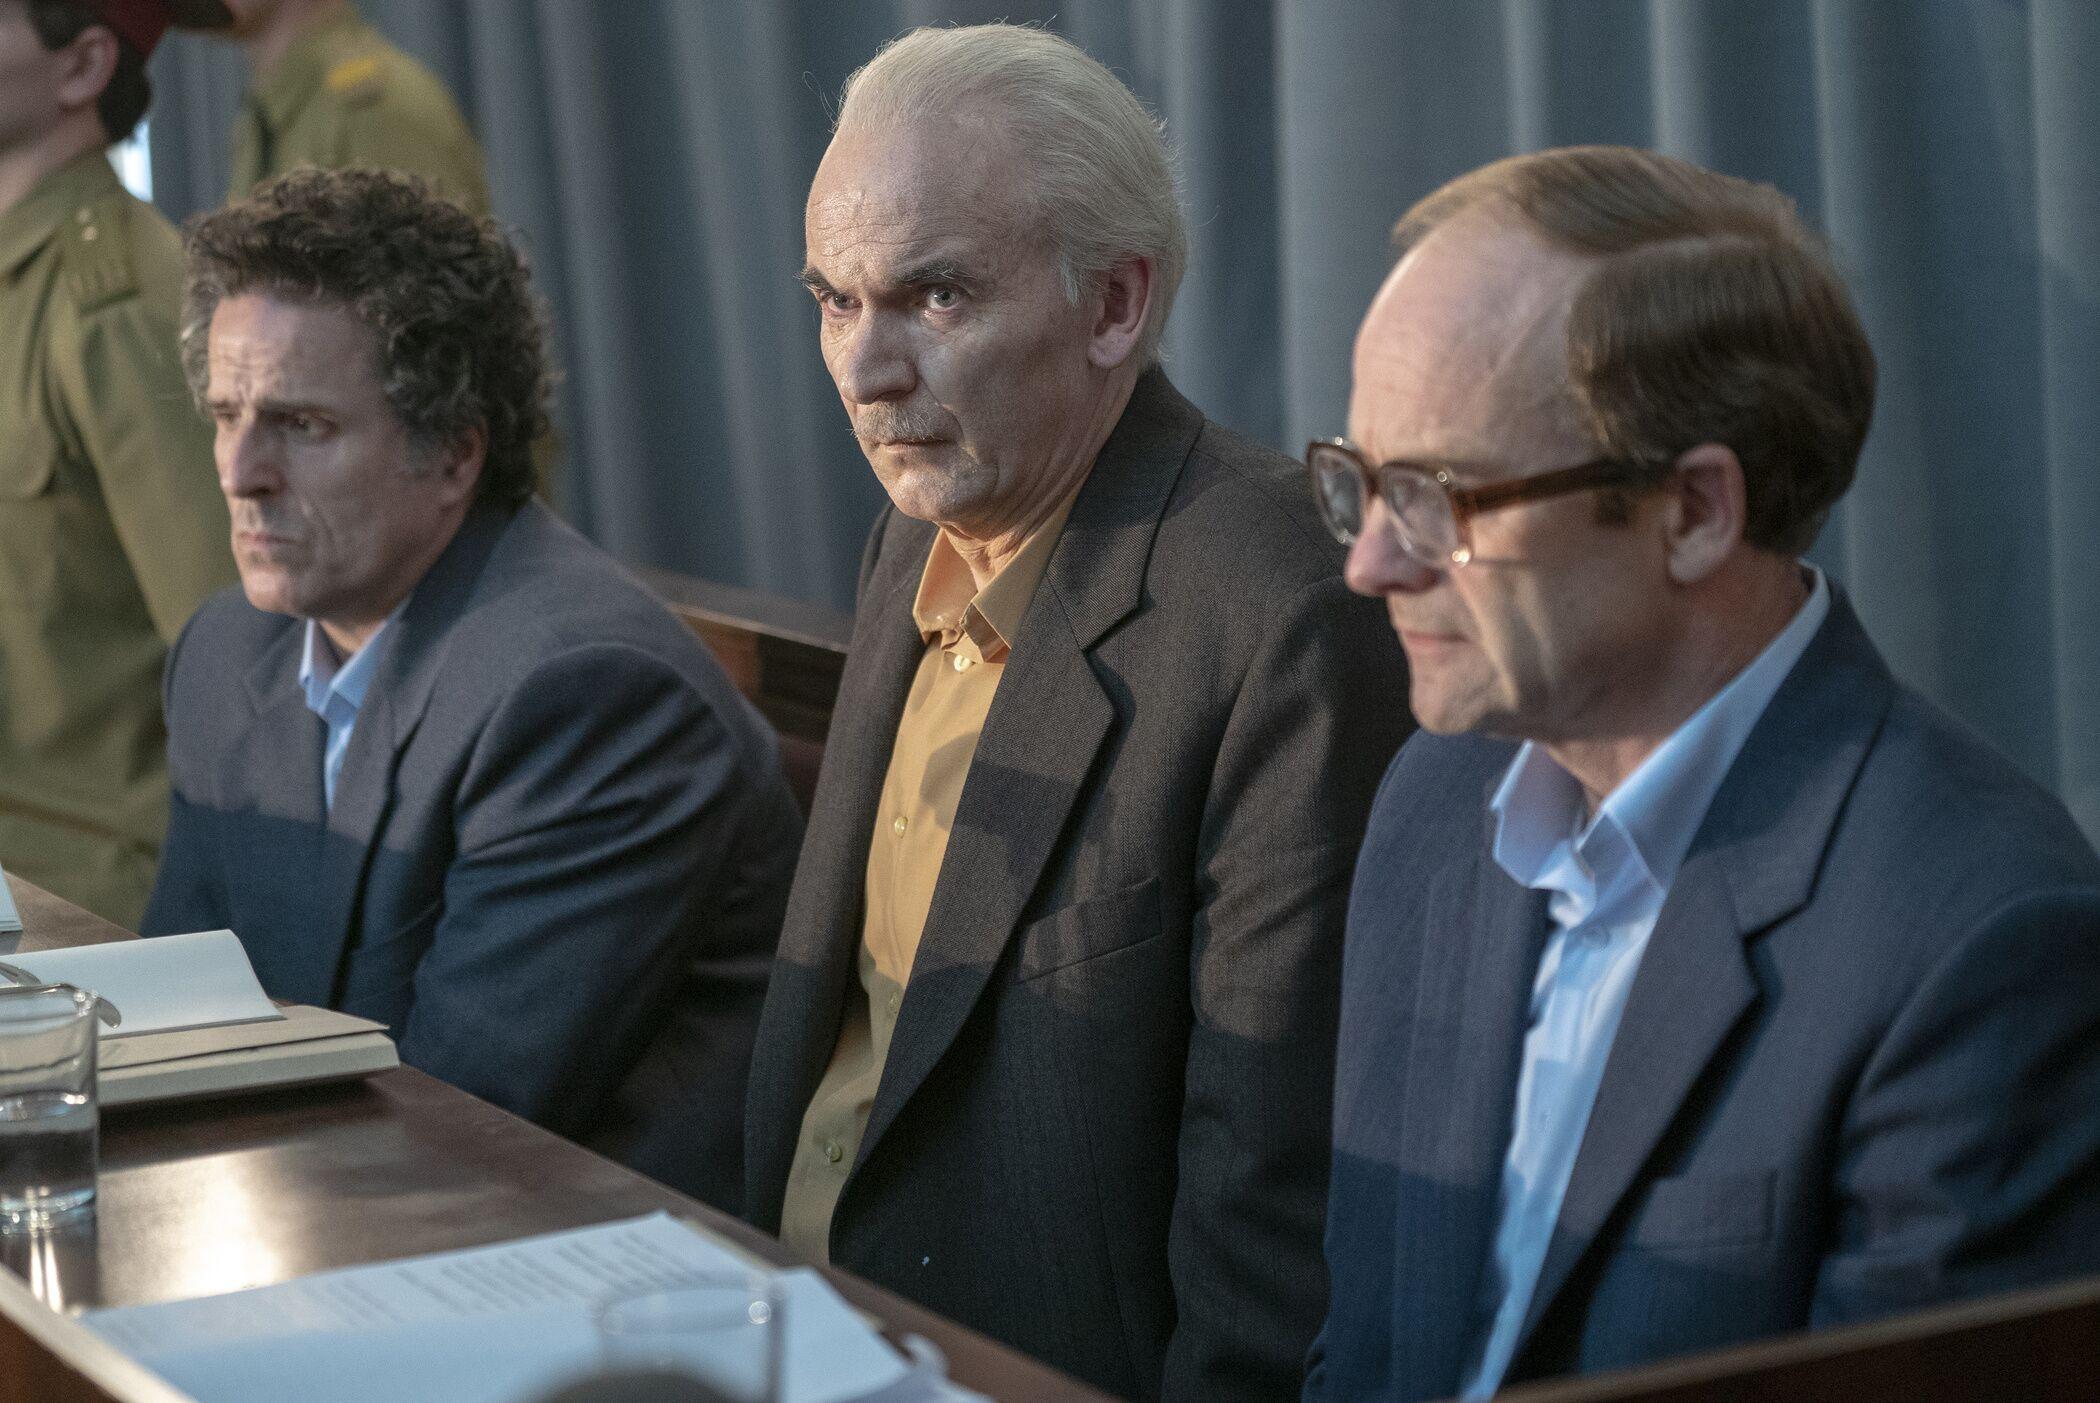 Chernobyl season 1 finale recap: Vichnaya Pamya